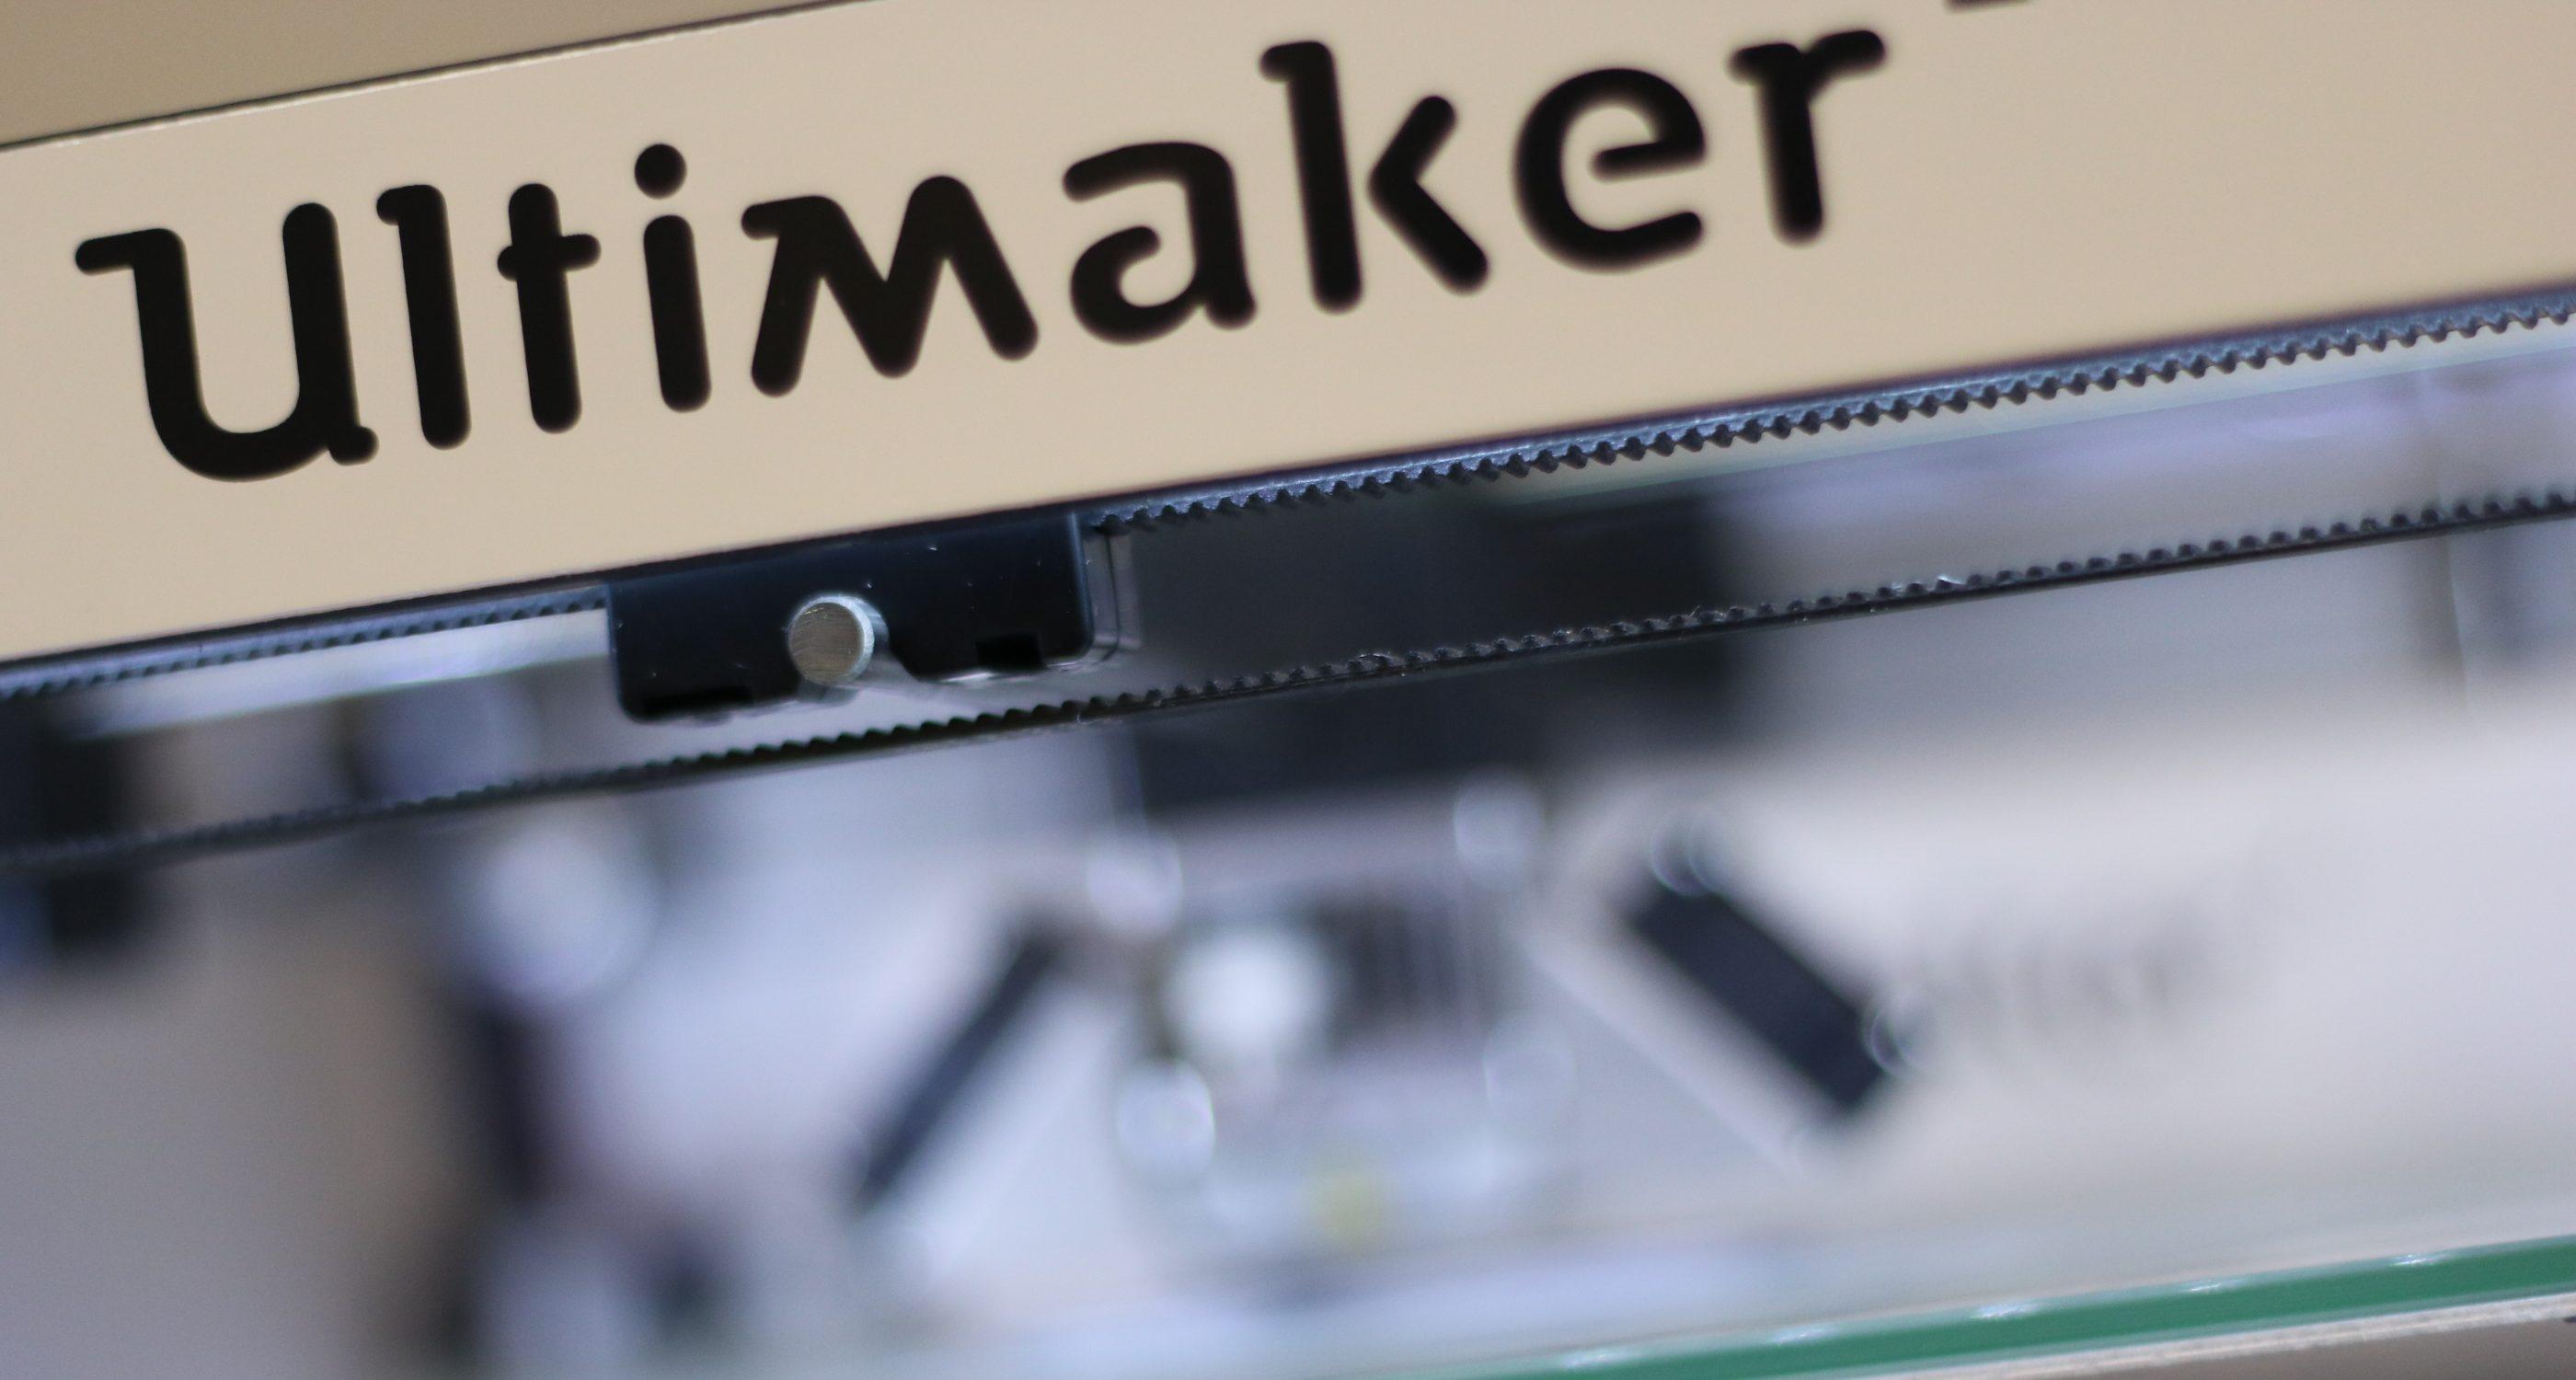 Ultimaker closeup